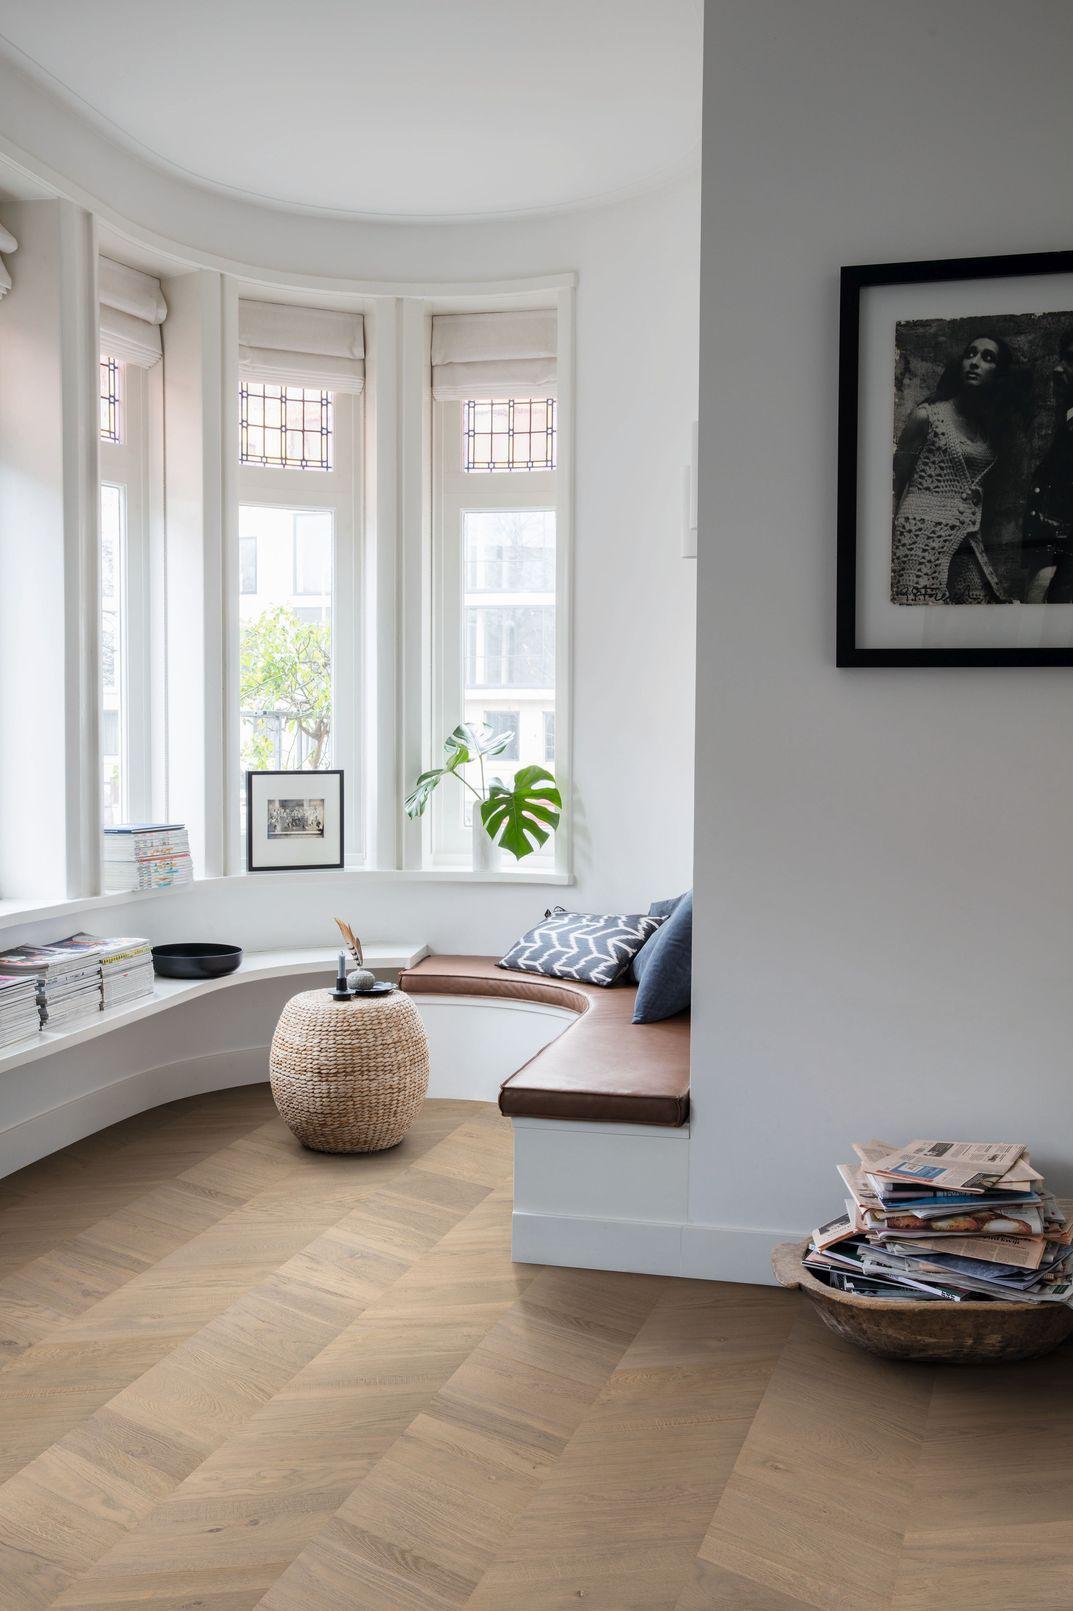 27 parquets de caract re pour un int rieur authentique et ind modable page 4 sur 4. Black Bedroom Furniture Sets. Home Design Ideas